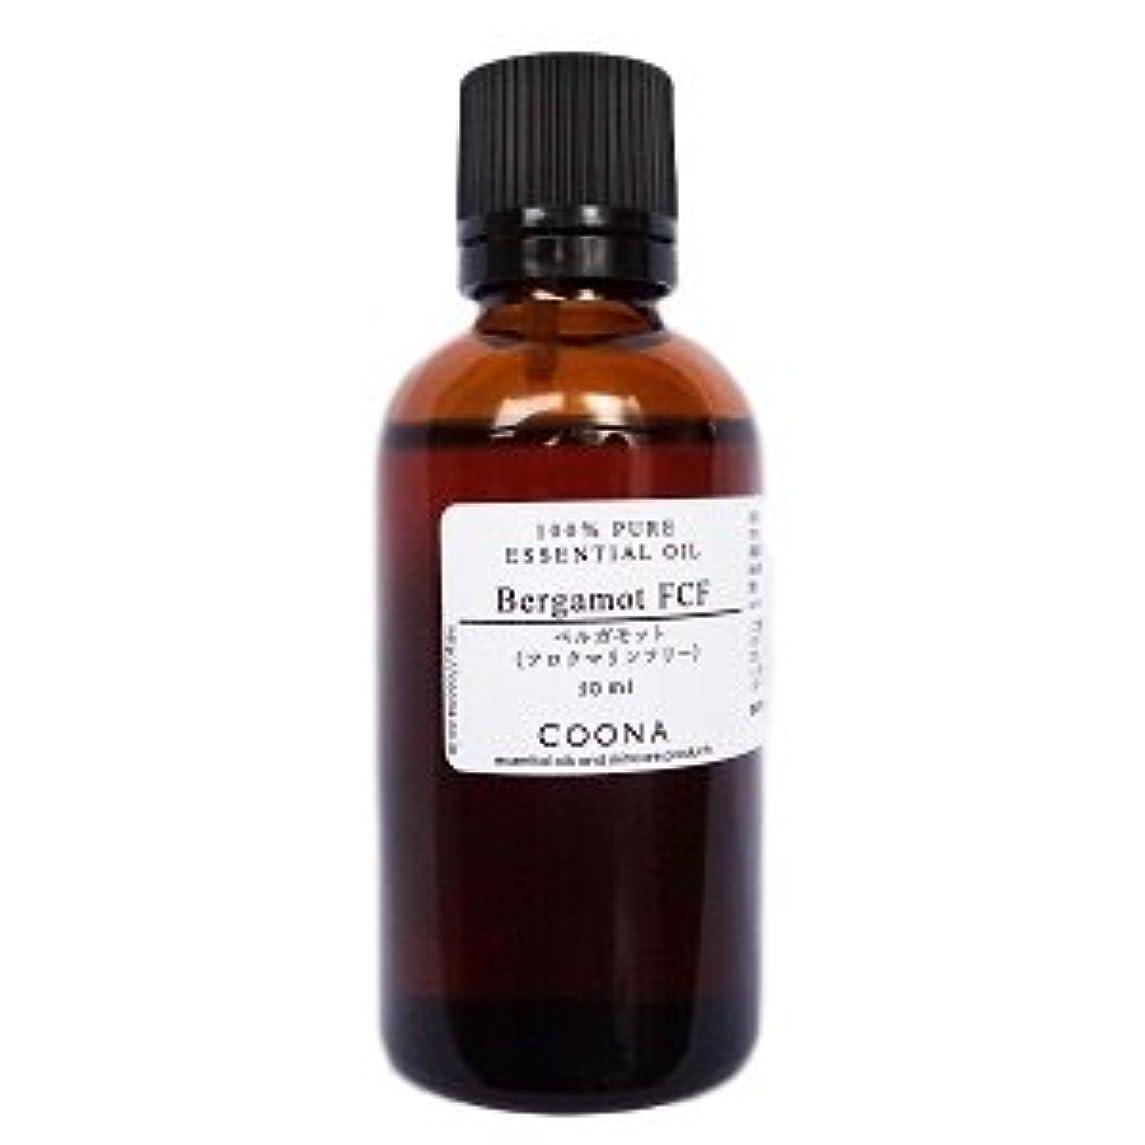 前提条件パラシュート帳面ベルガモット FCF 50 ml (COONA エッセンシャルオイル アロマオイル 100% 天然植物精油)